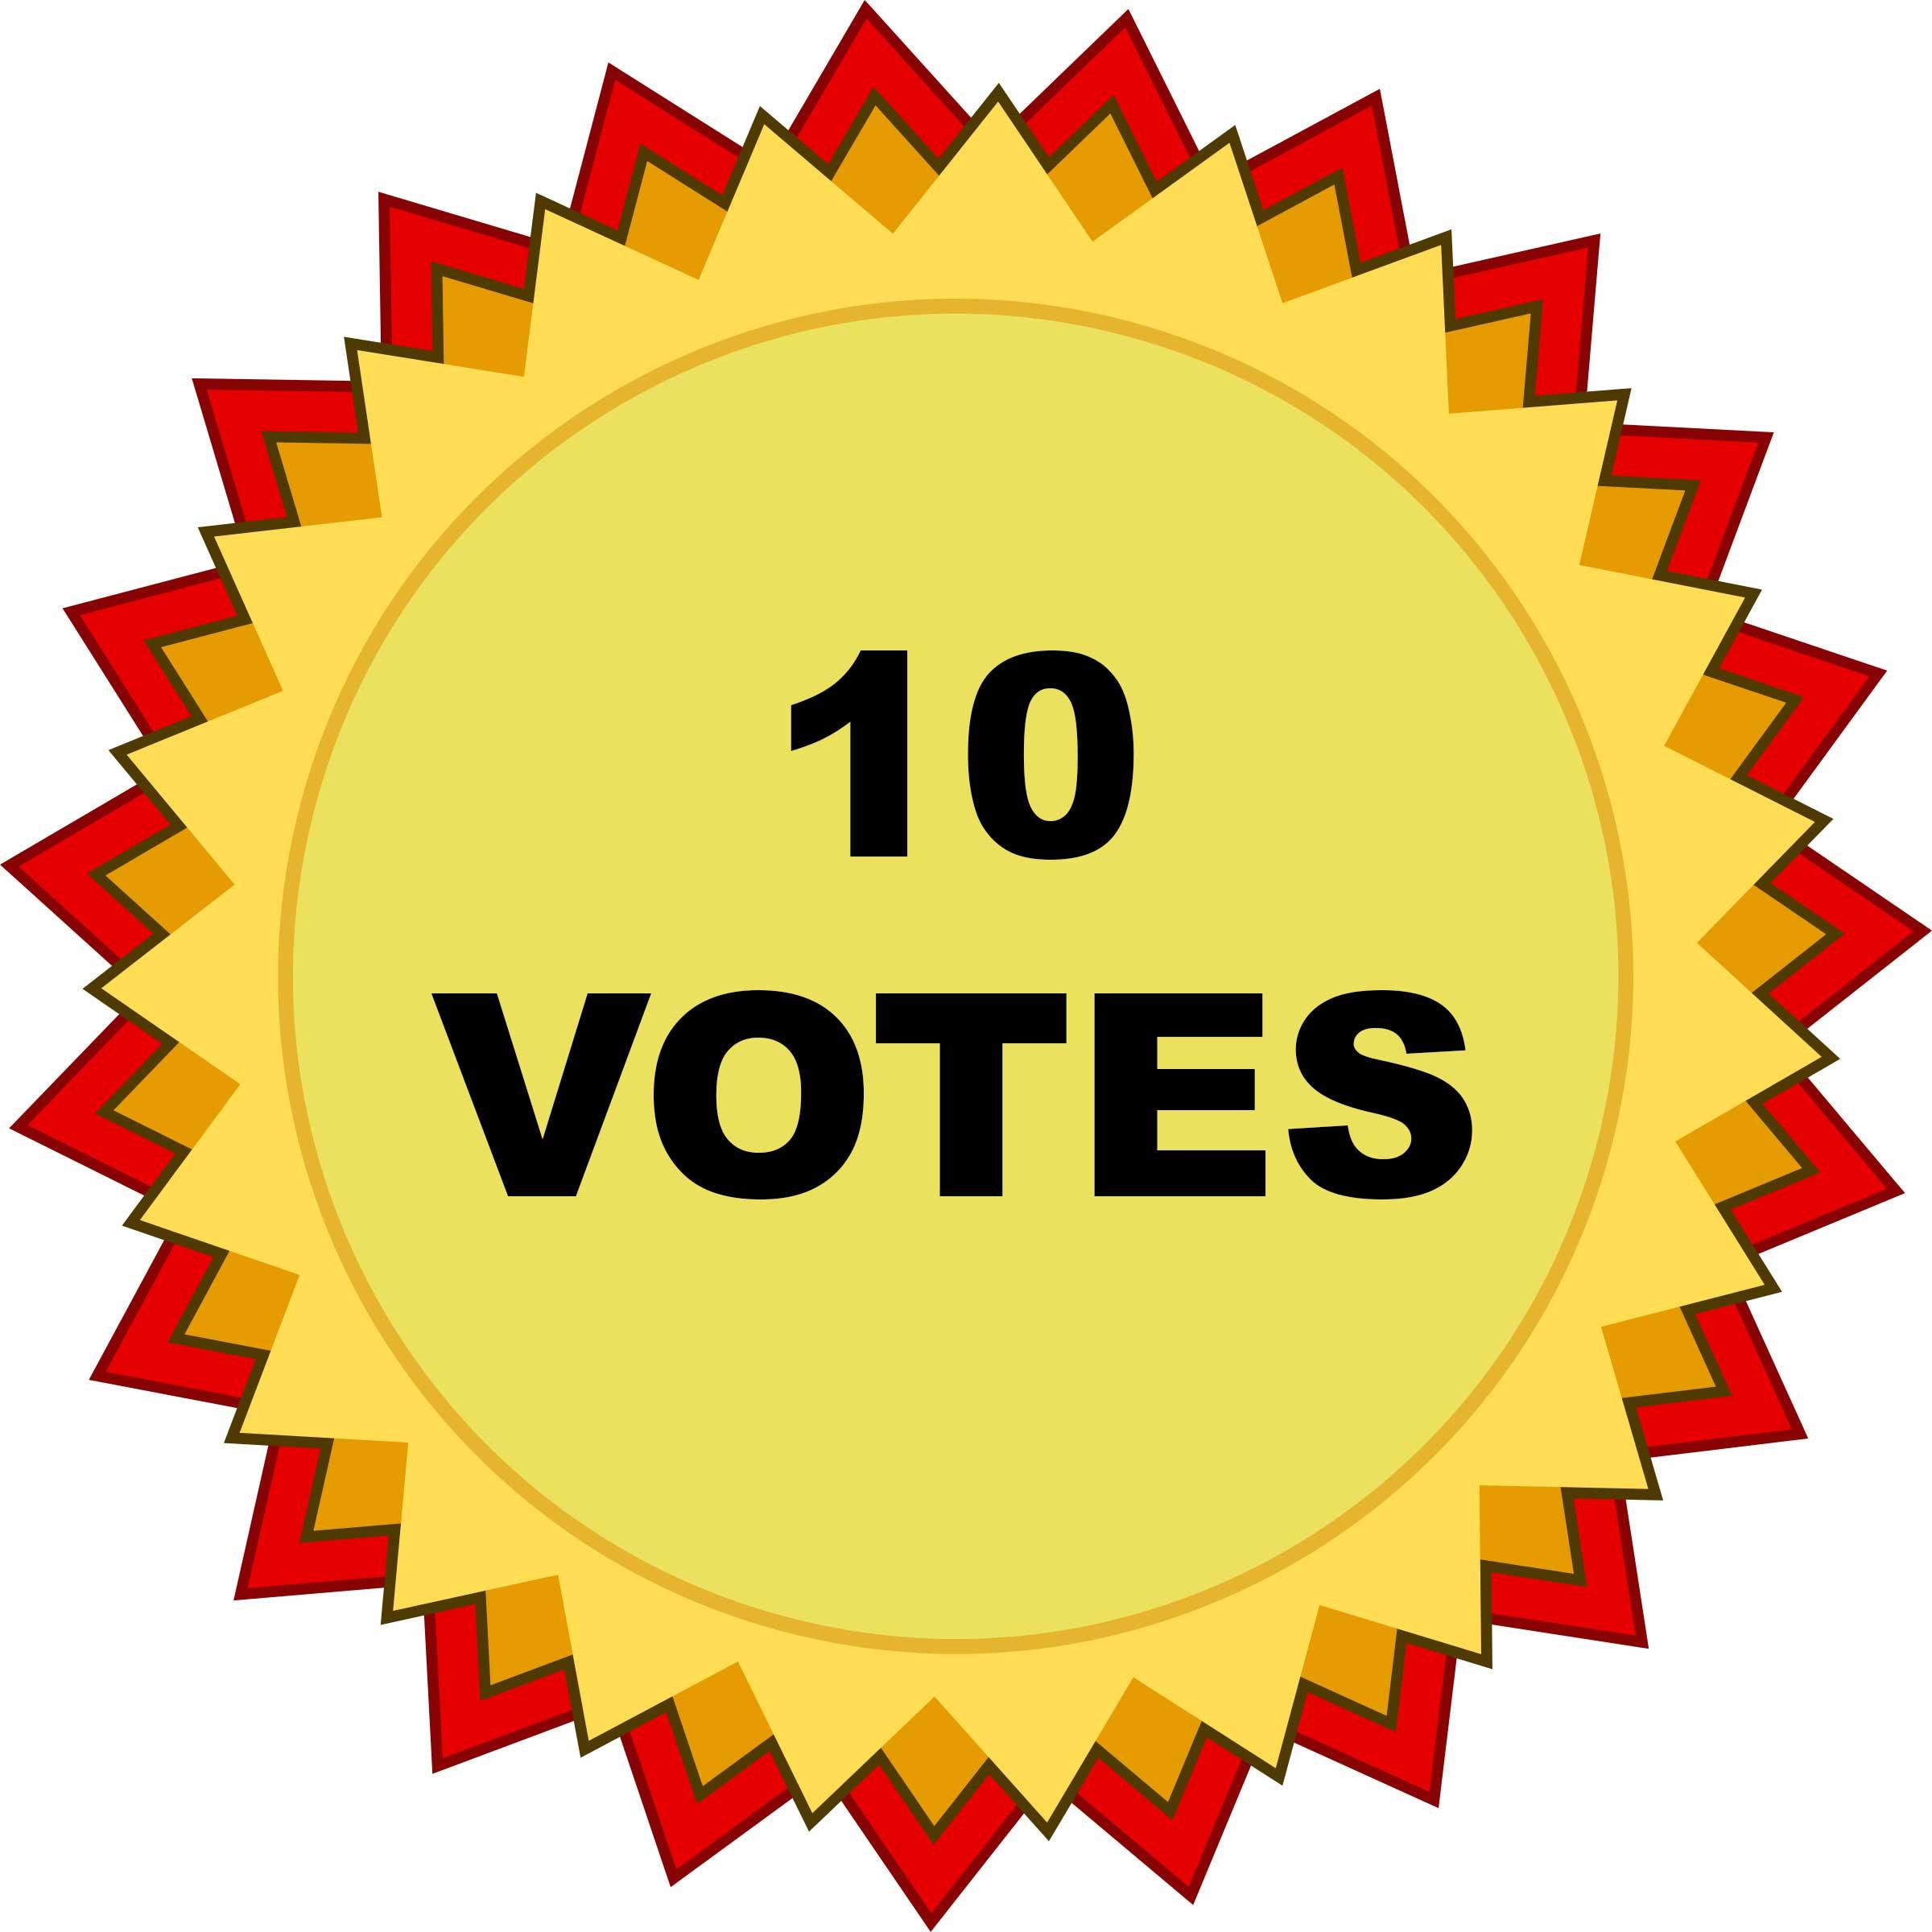 10 VOTES